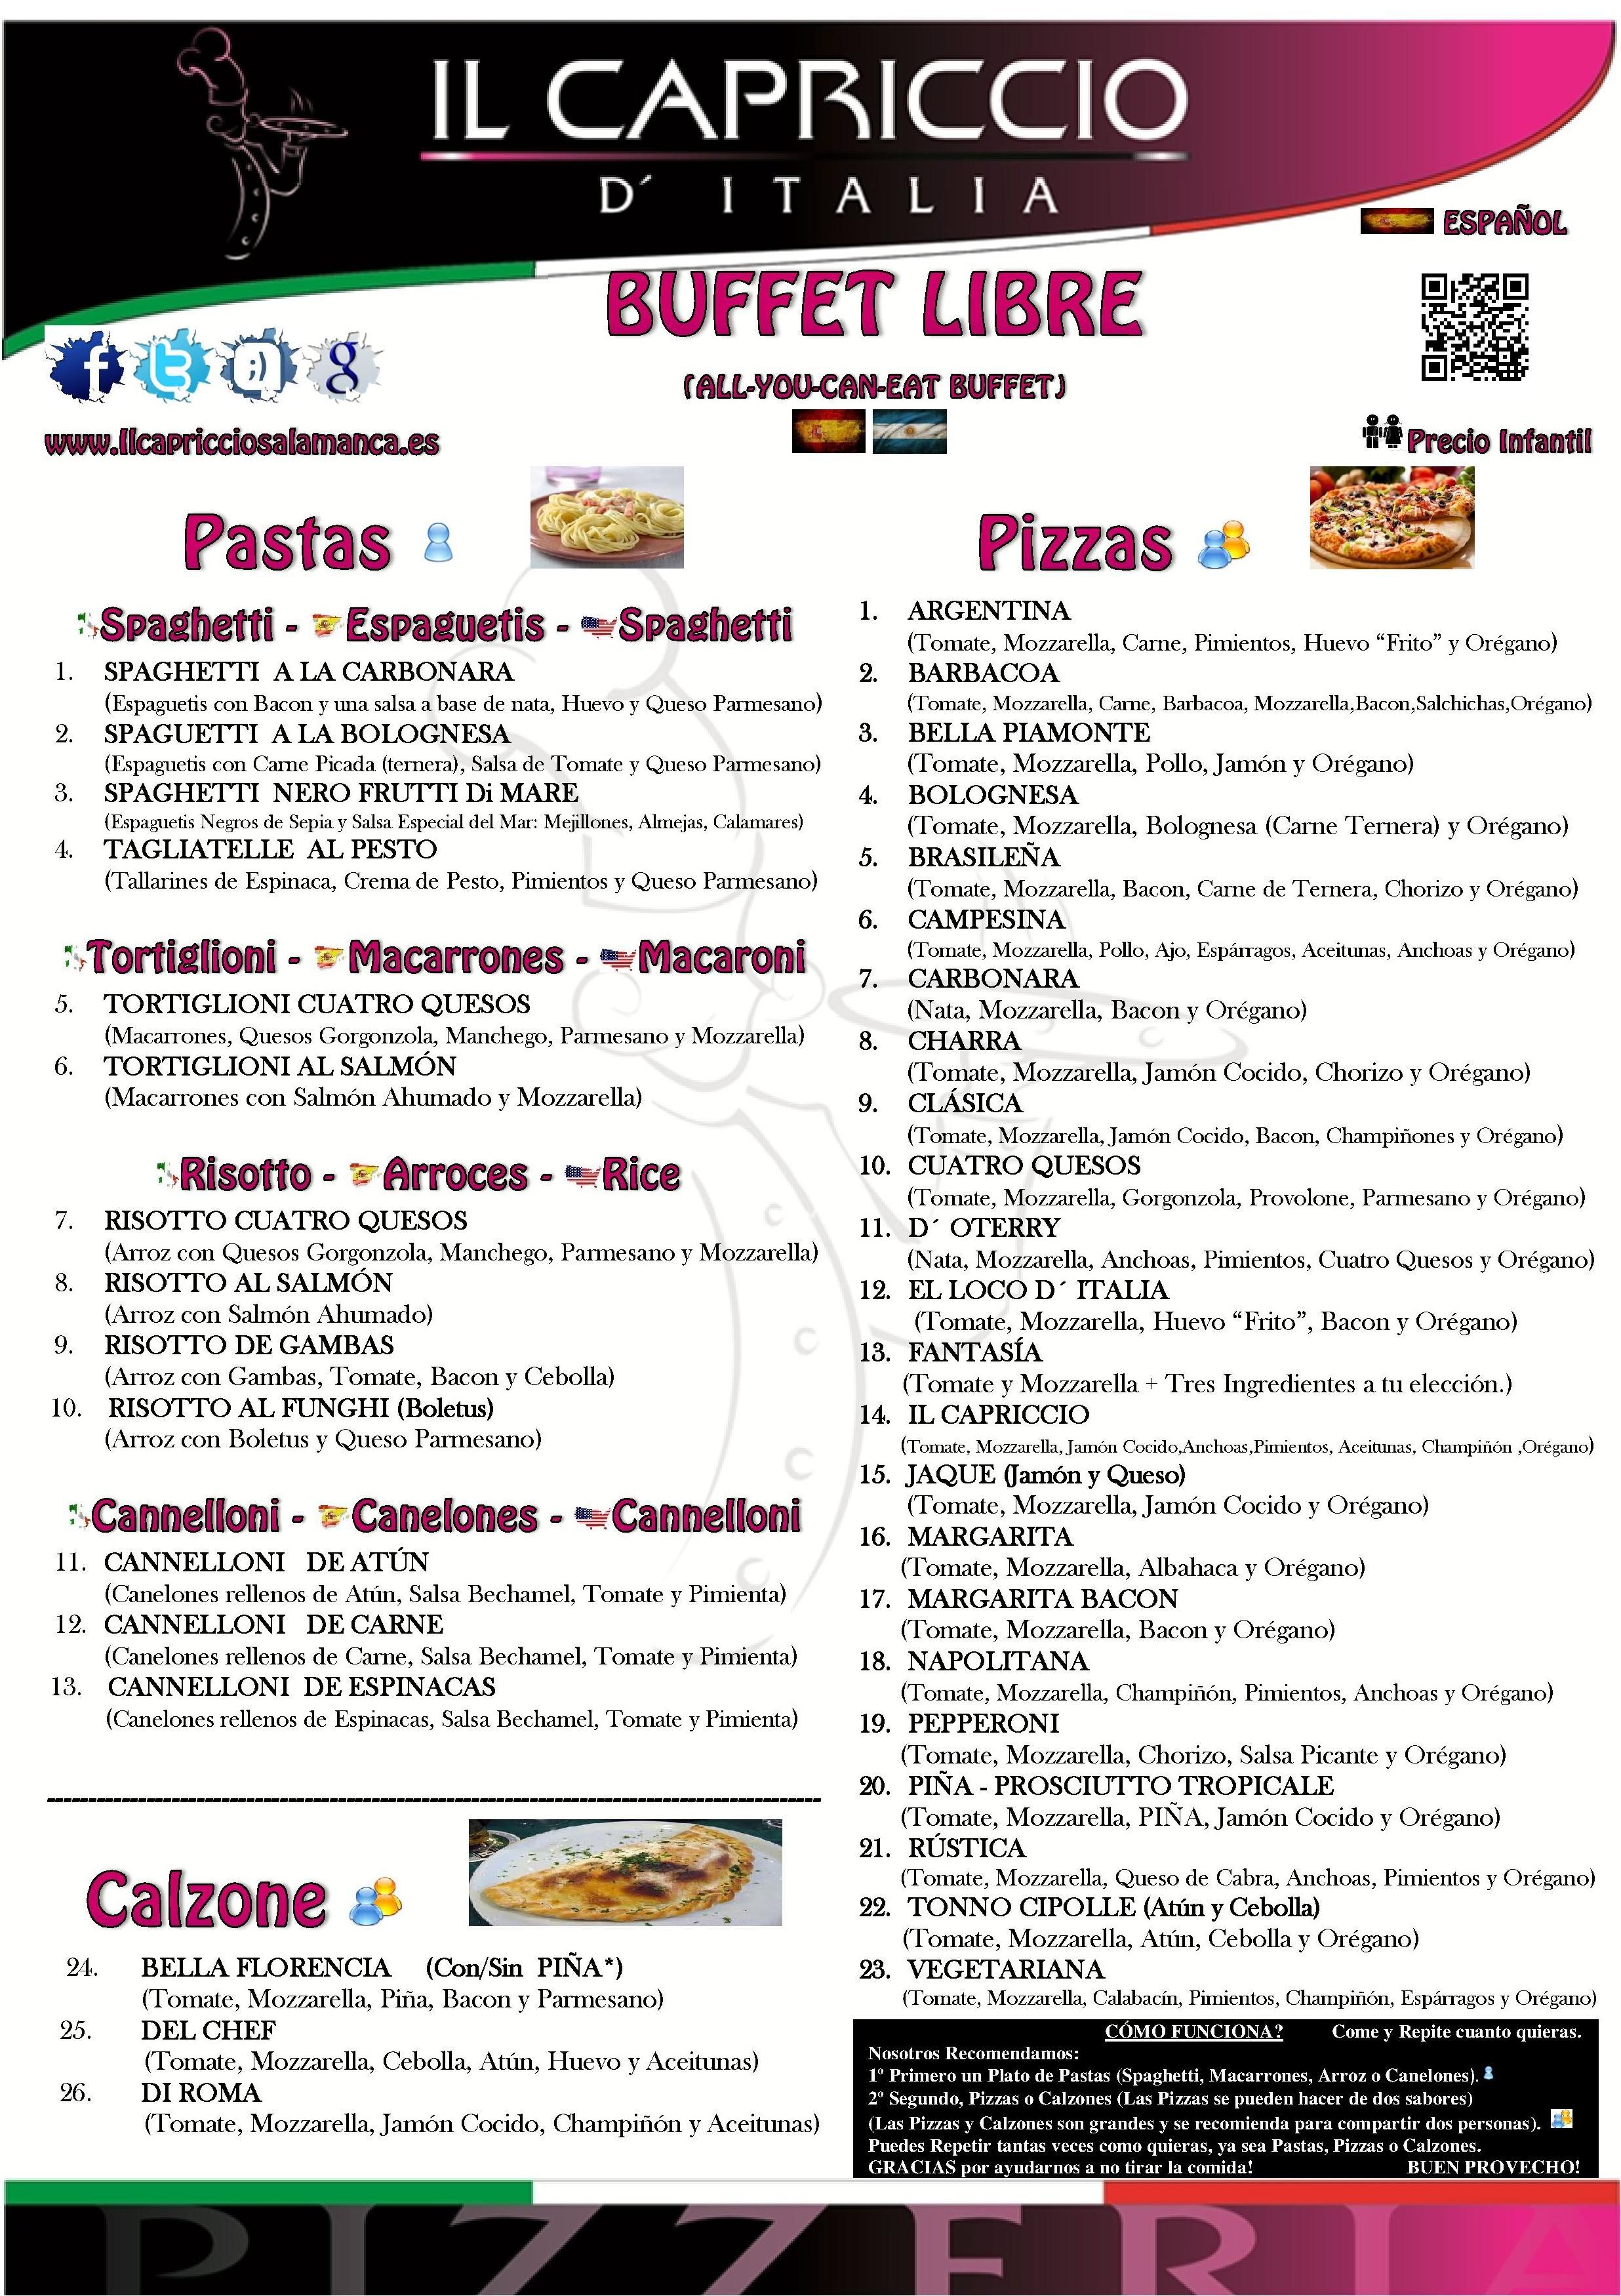 Buffet Libre: Menú Buffet libre de Il Capriccio D Italia